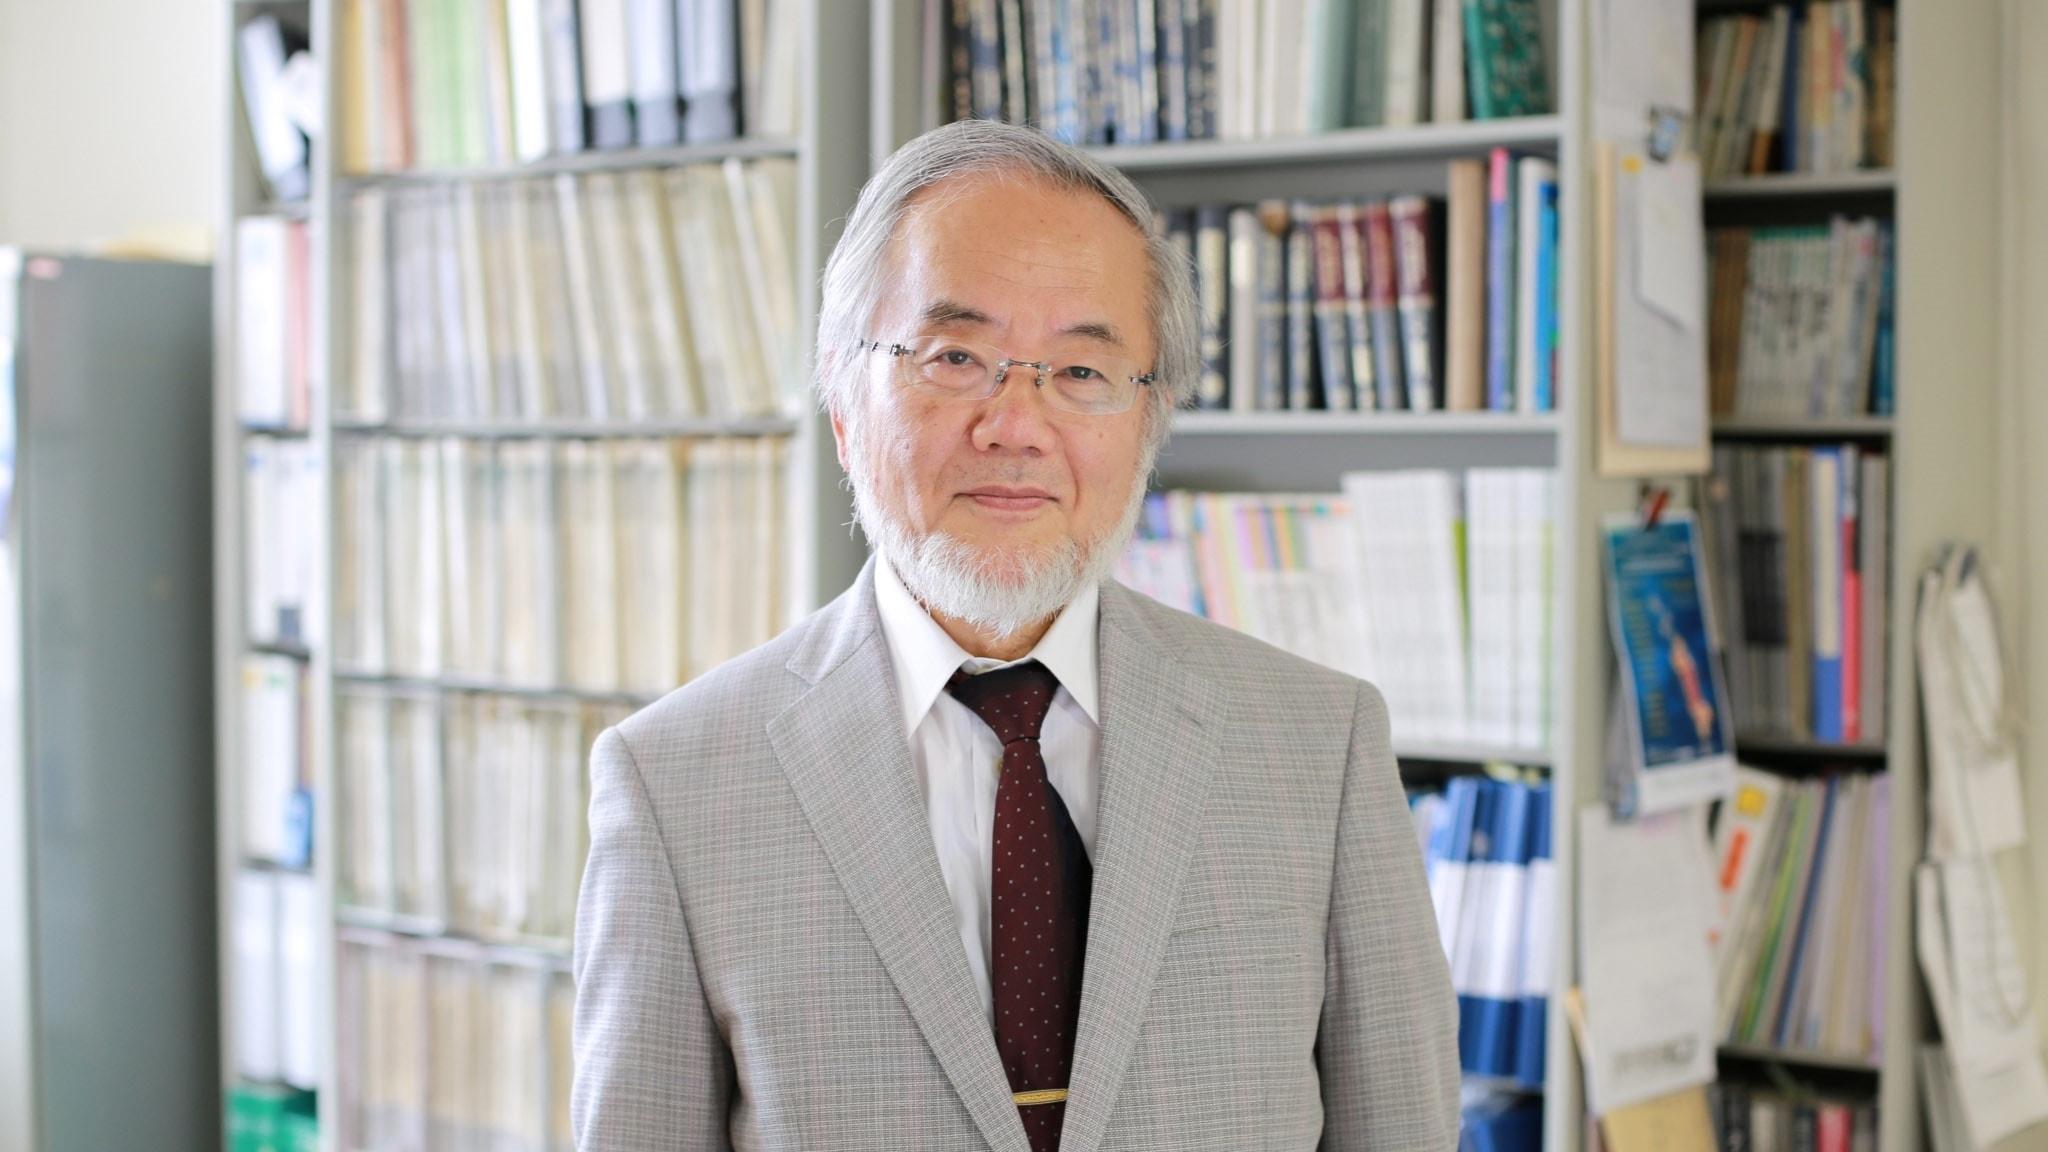 2016 års Nobelpristagare i medicin: Yoshinori Ohsumi